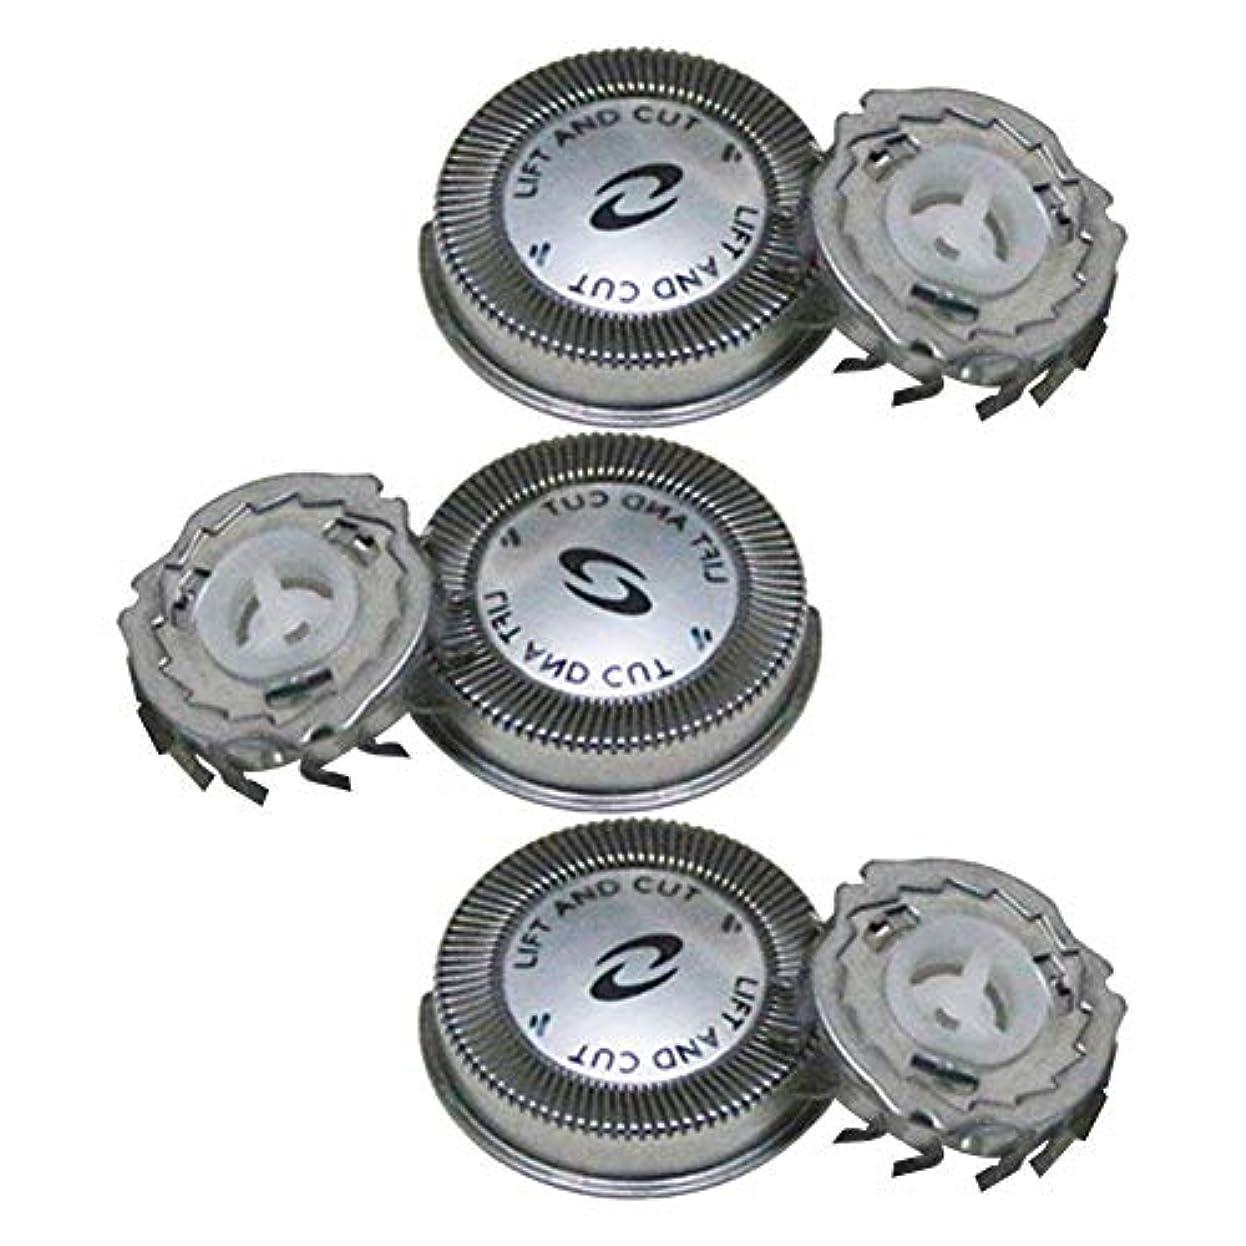 あたり暖かくその他3PCS交換用 フィリップスシェーバー 替刃 シェービングヘッド シェーバー ヘッド 安全で快適なヘッド フィリップスカミソリHQ3シリーズHQ30/HQ32/HQ33/HQ36/HQ300に適応